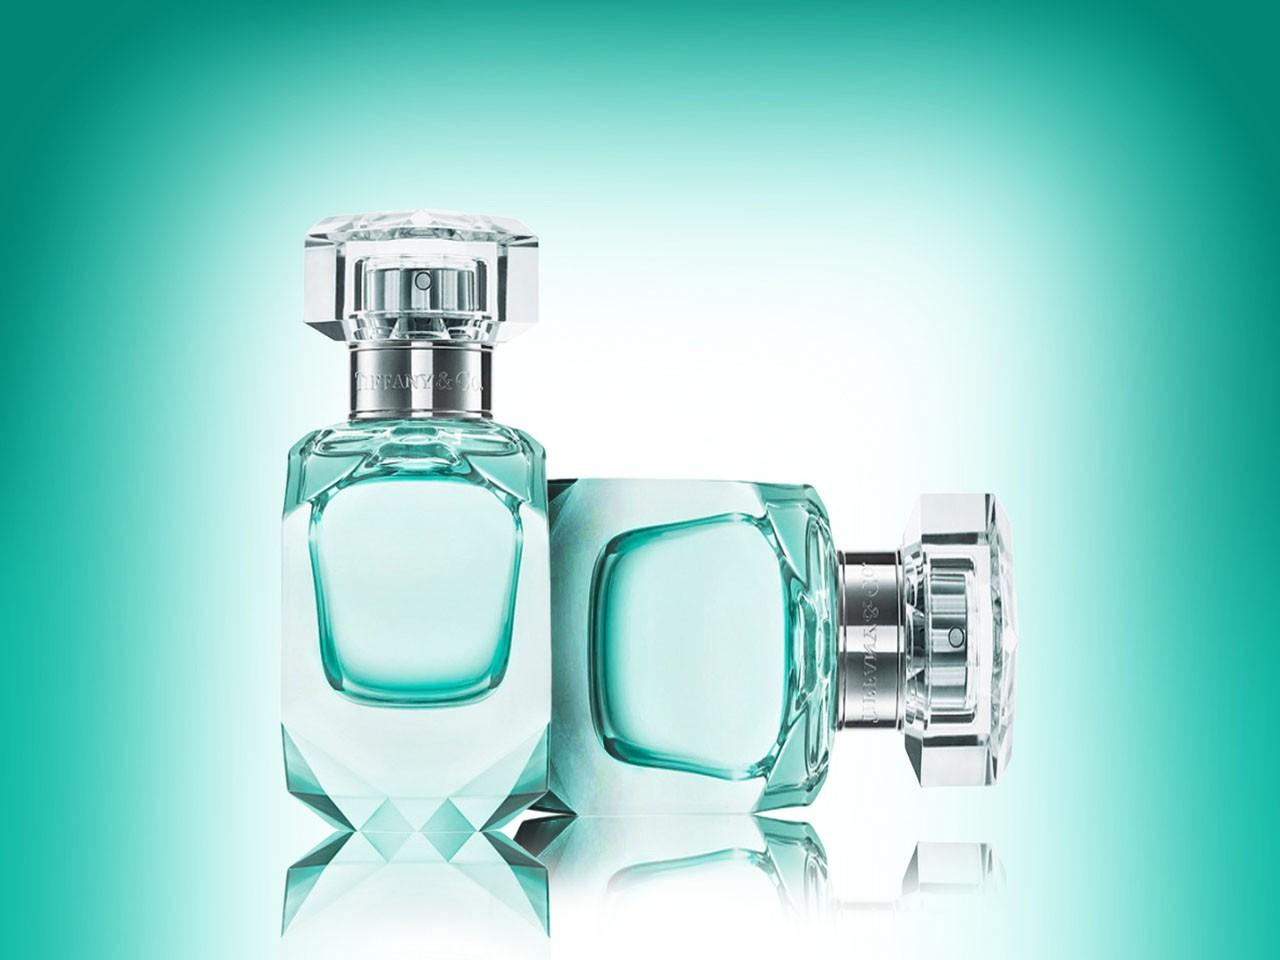 Molekülparfums - Molekül-Parfum